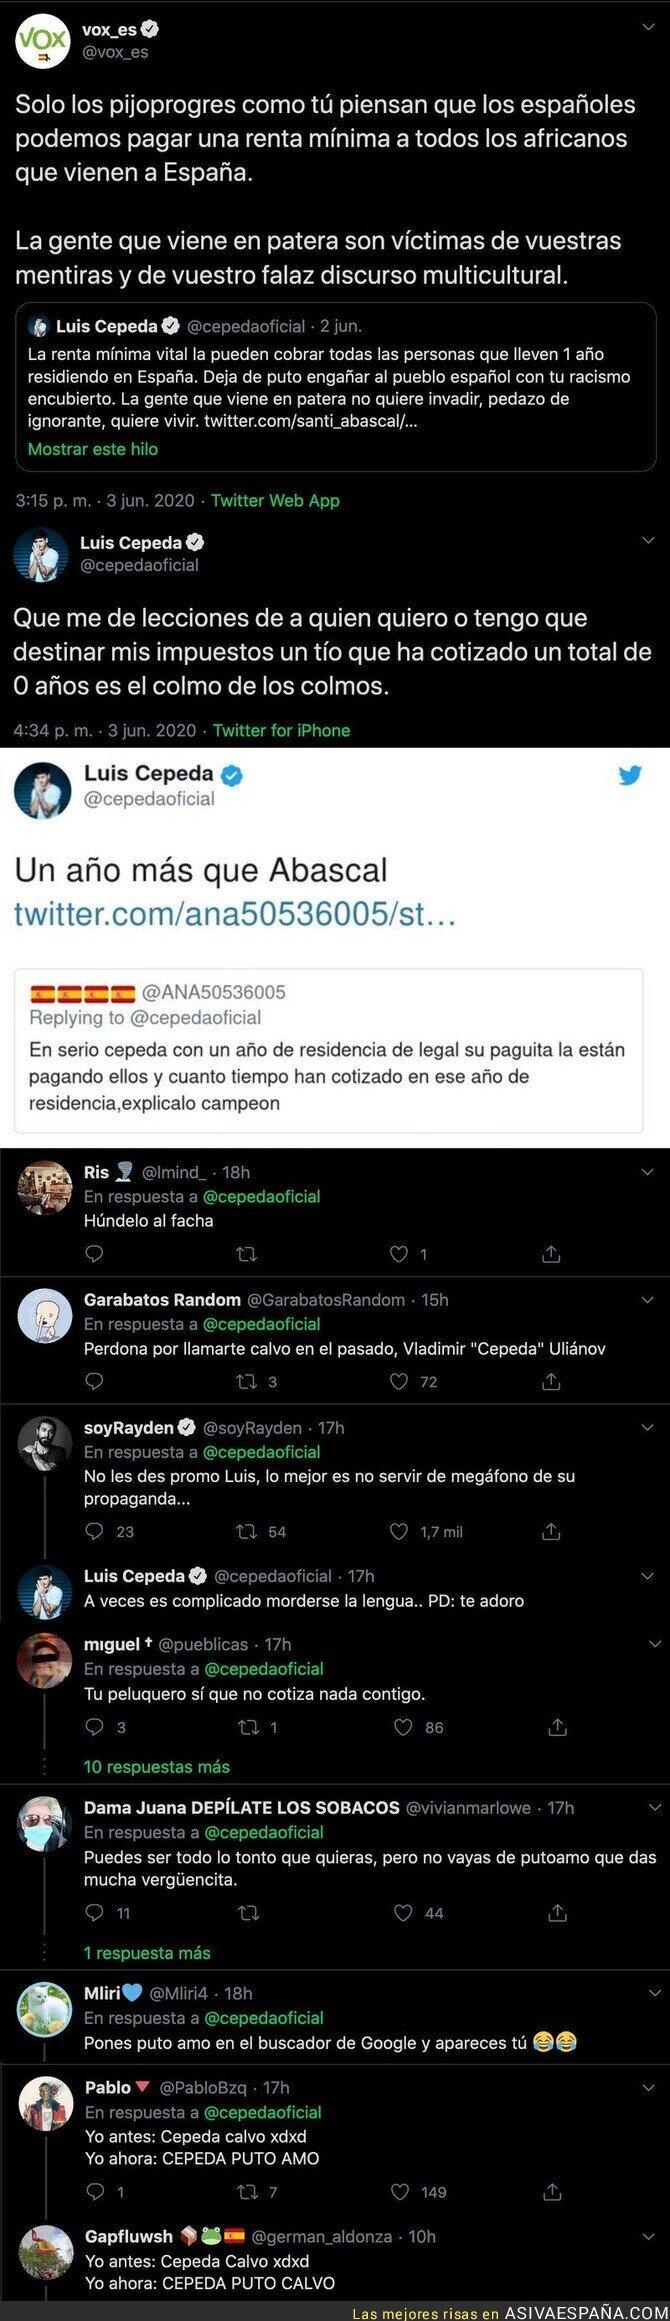 202911 - Cepeda se gana el aplauso de todo Twitter con estos hachazos antológicos a VOX y Santiago Abascal